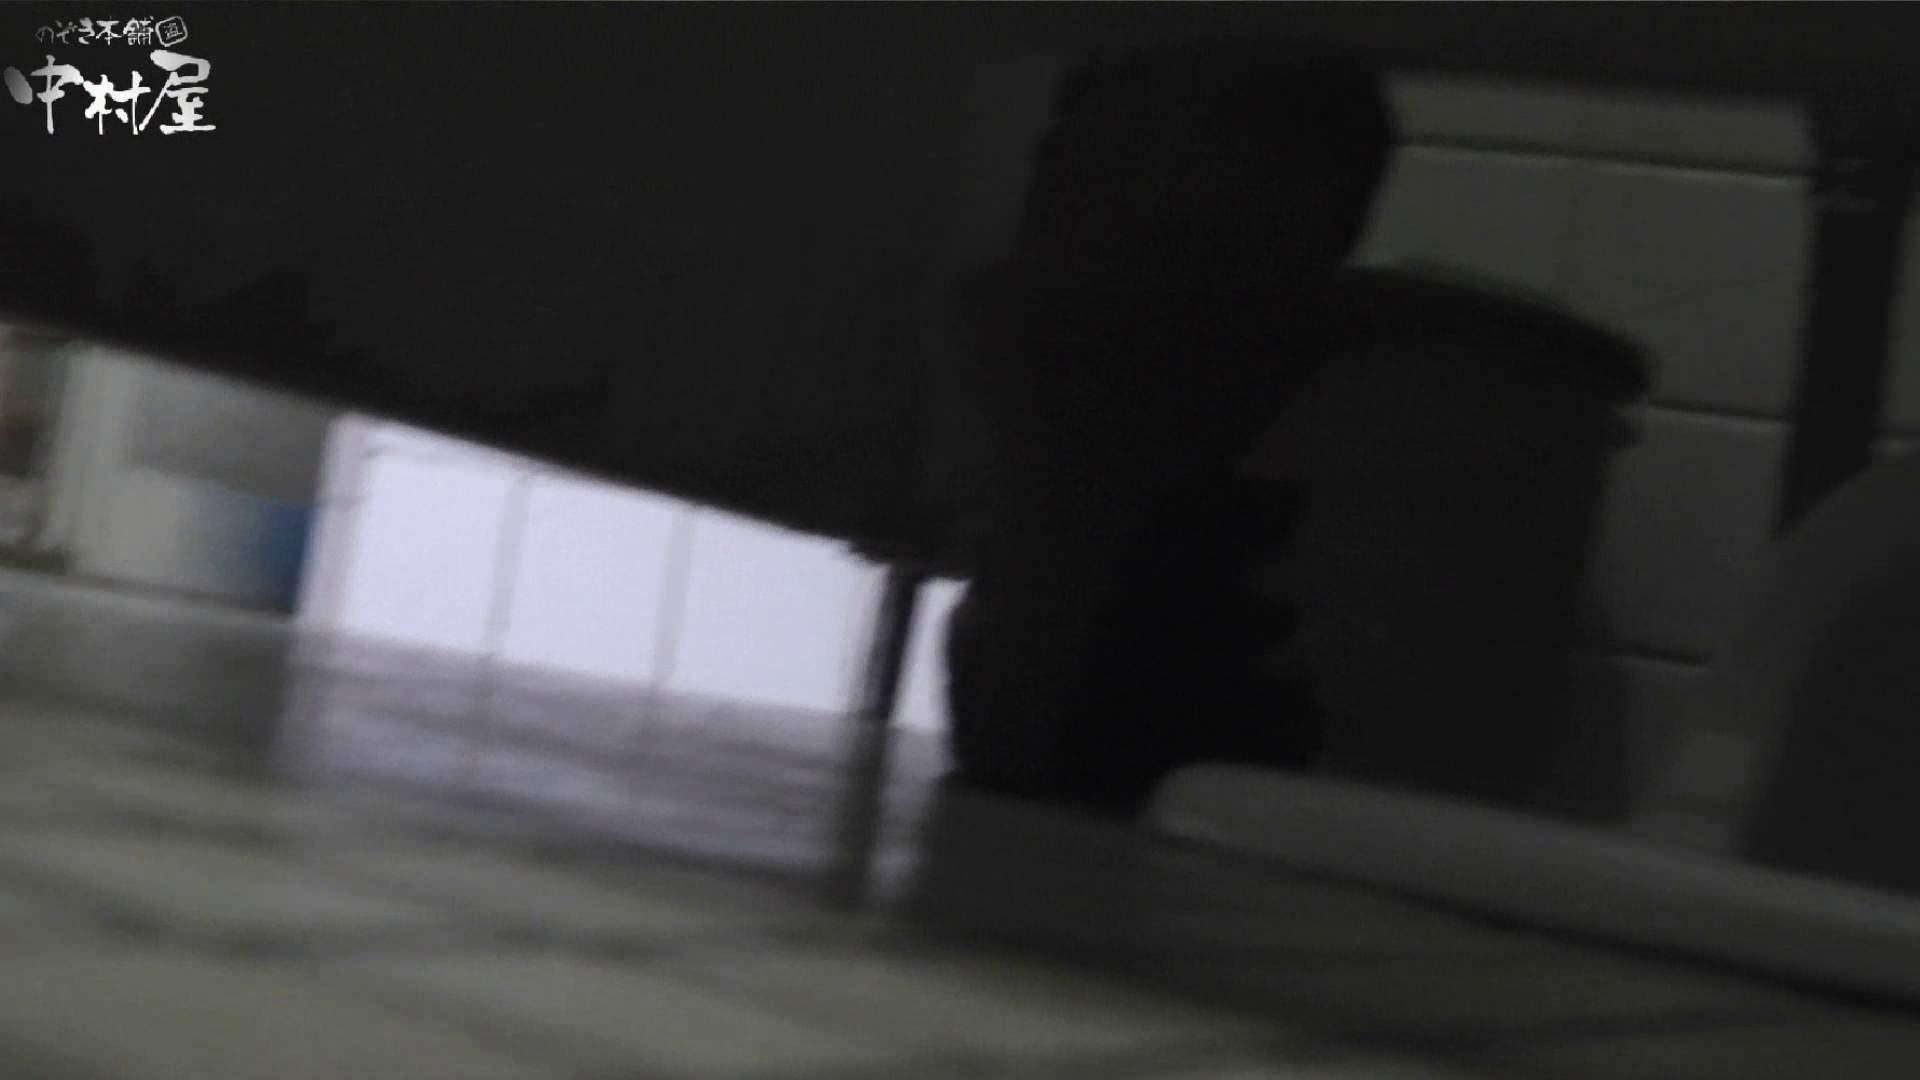 vol.48 命がけ潜伏洗面所! 染み付き座布団 洗面所 われめAV動画紹介 9枚 2